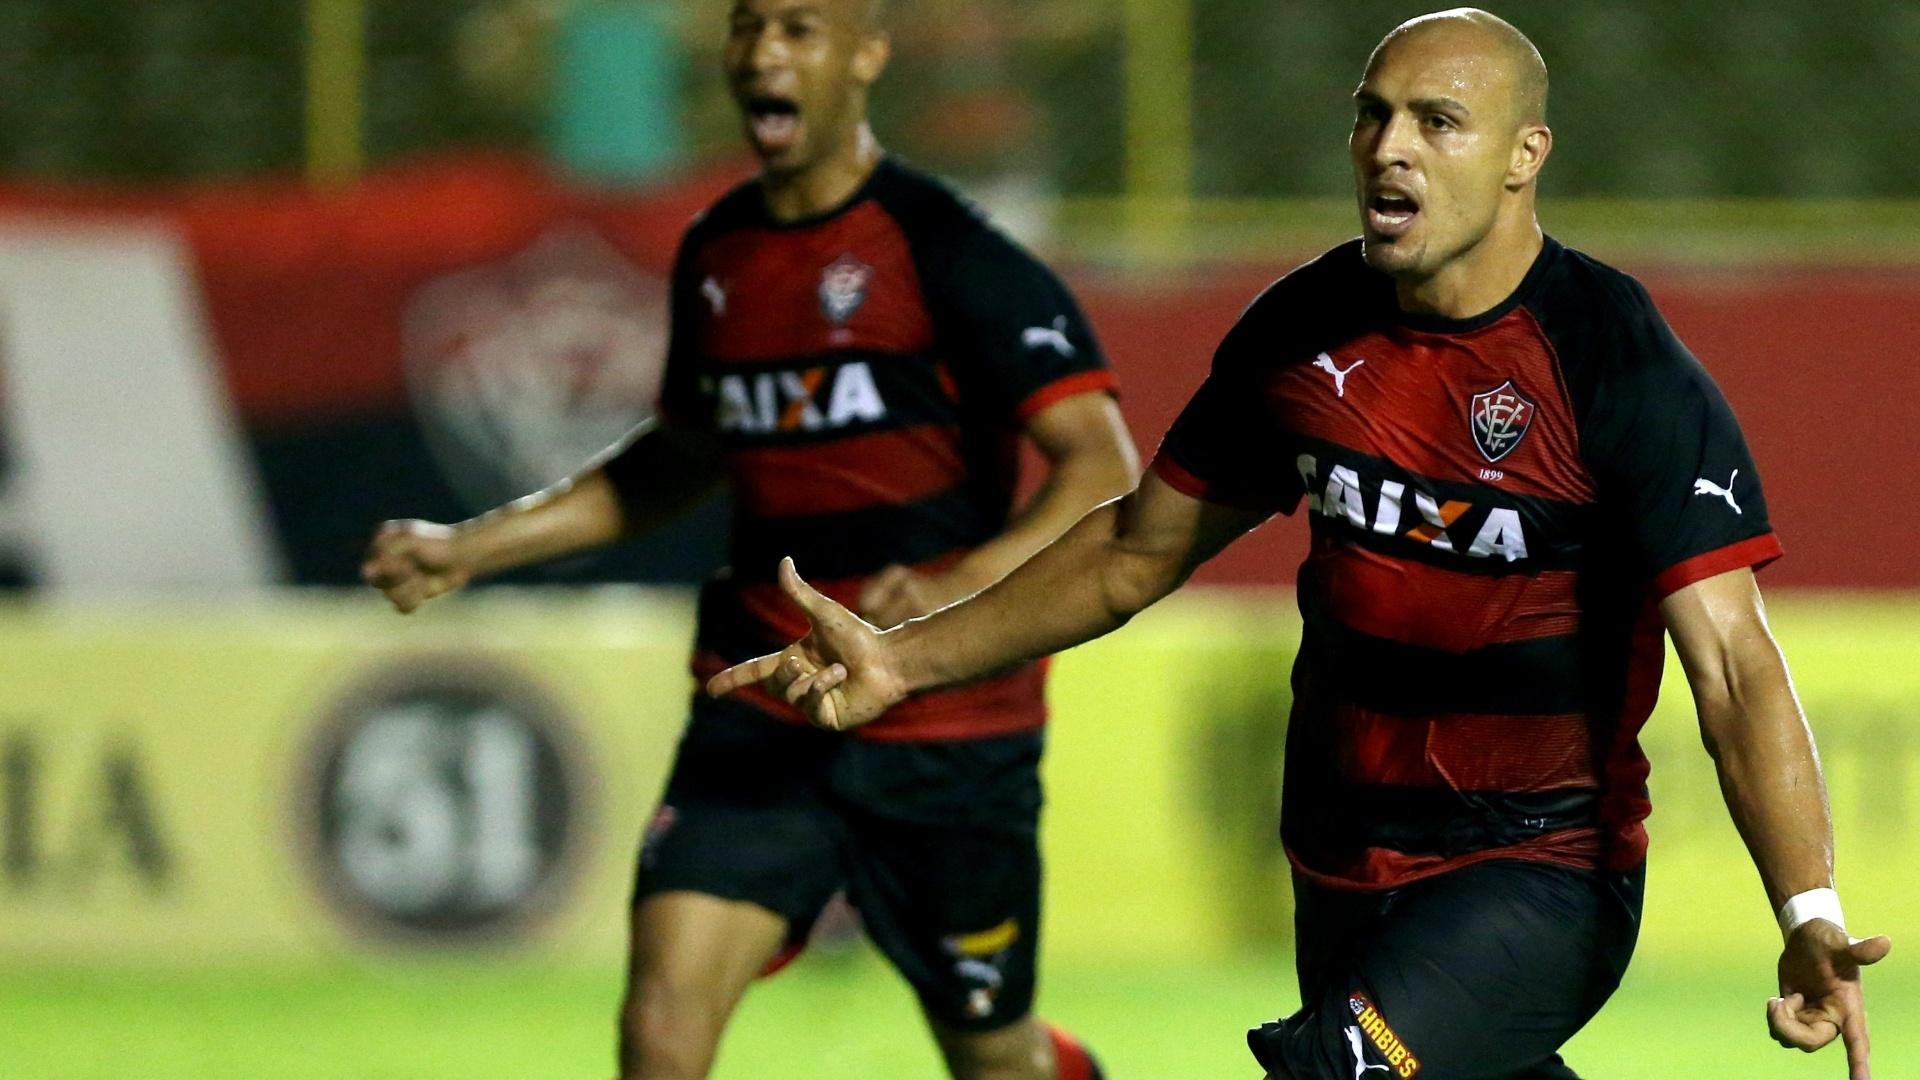 Edno comemora gol do Vitória sobre o Criciúma